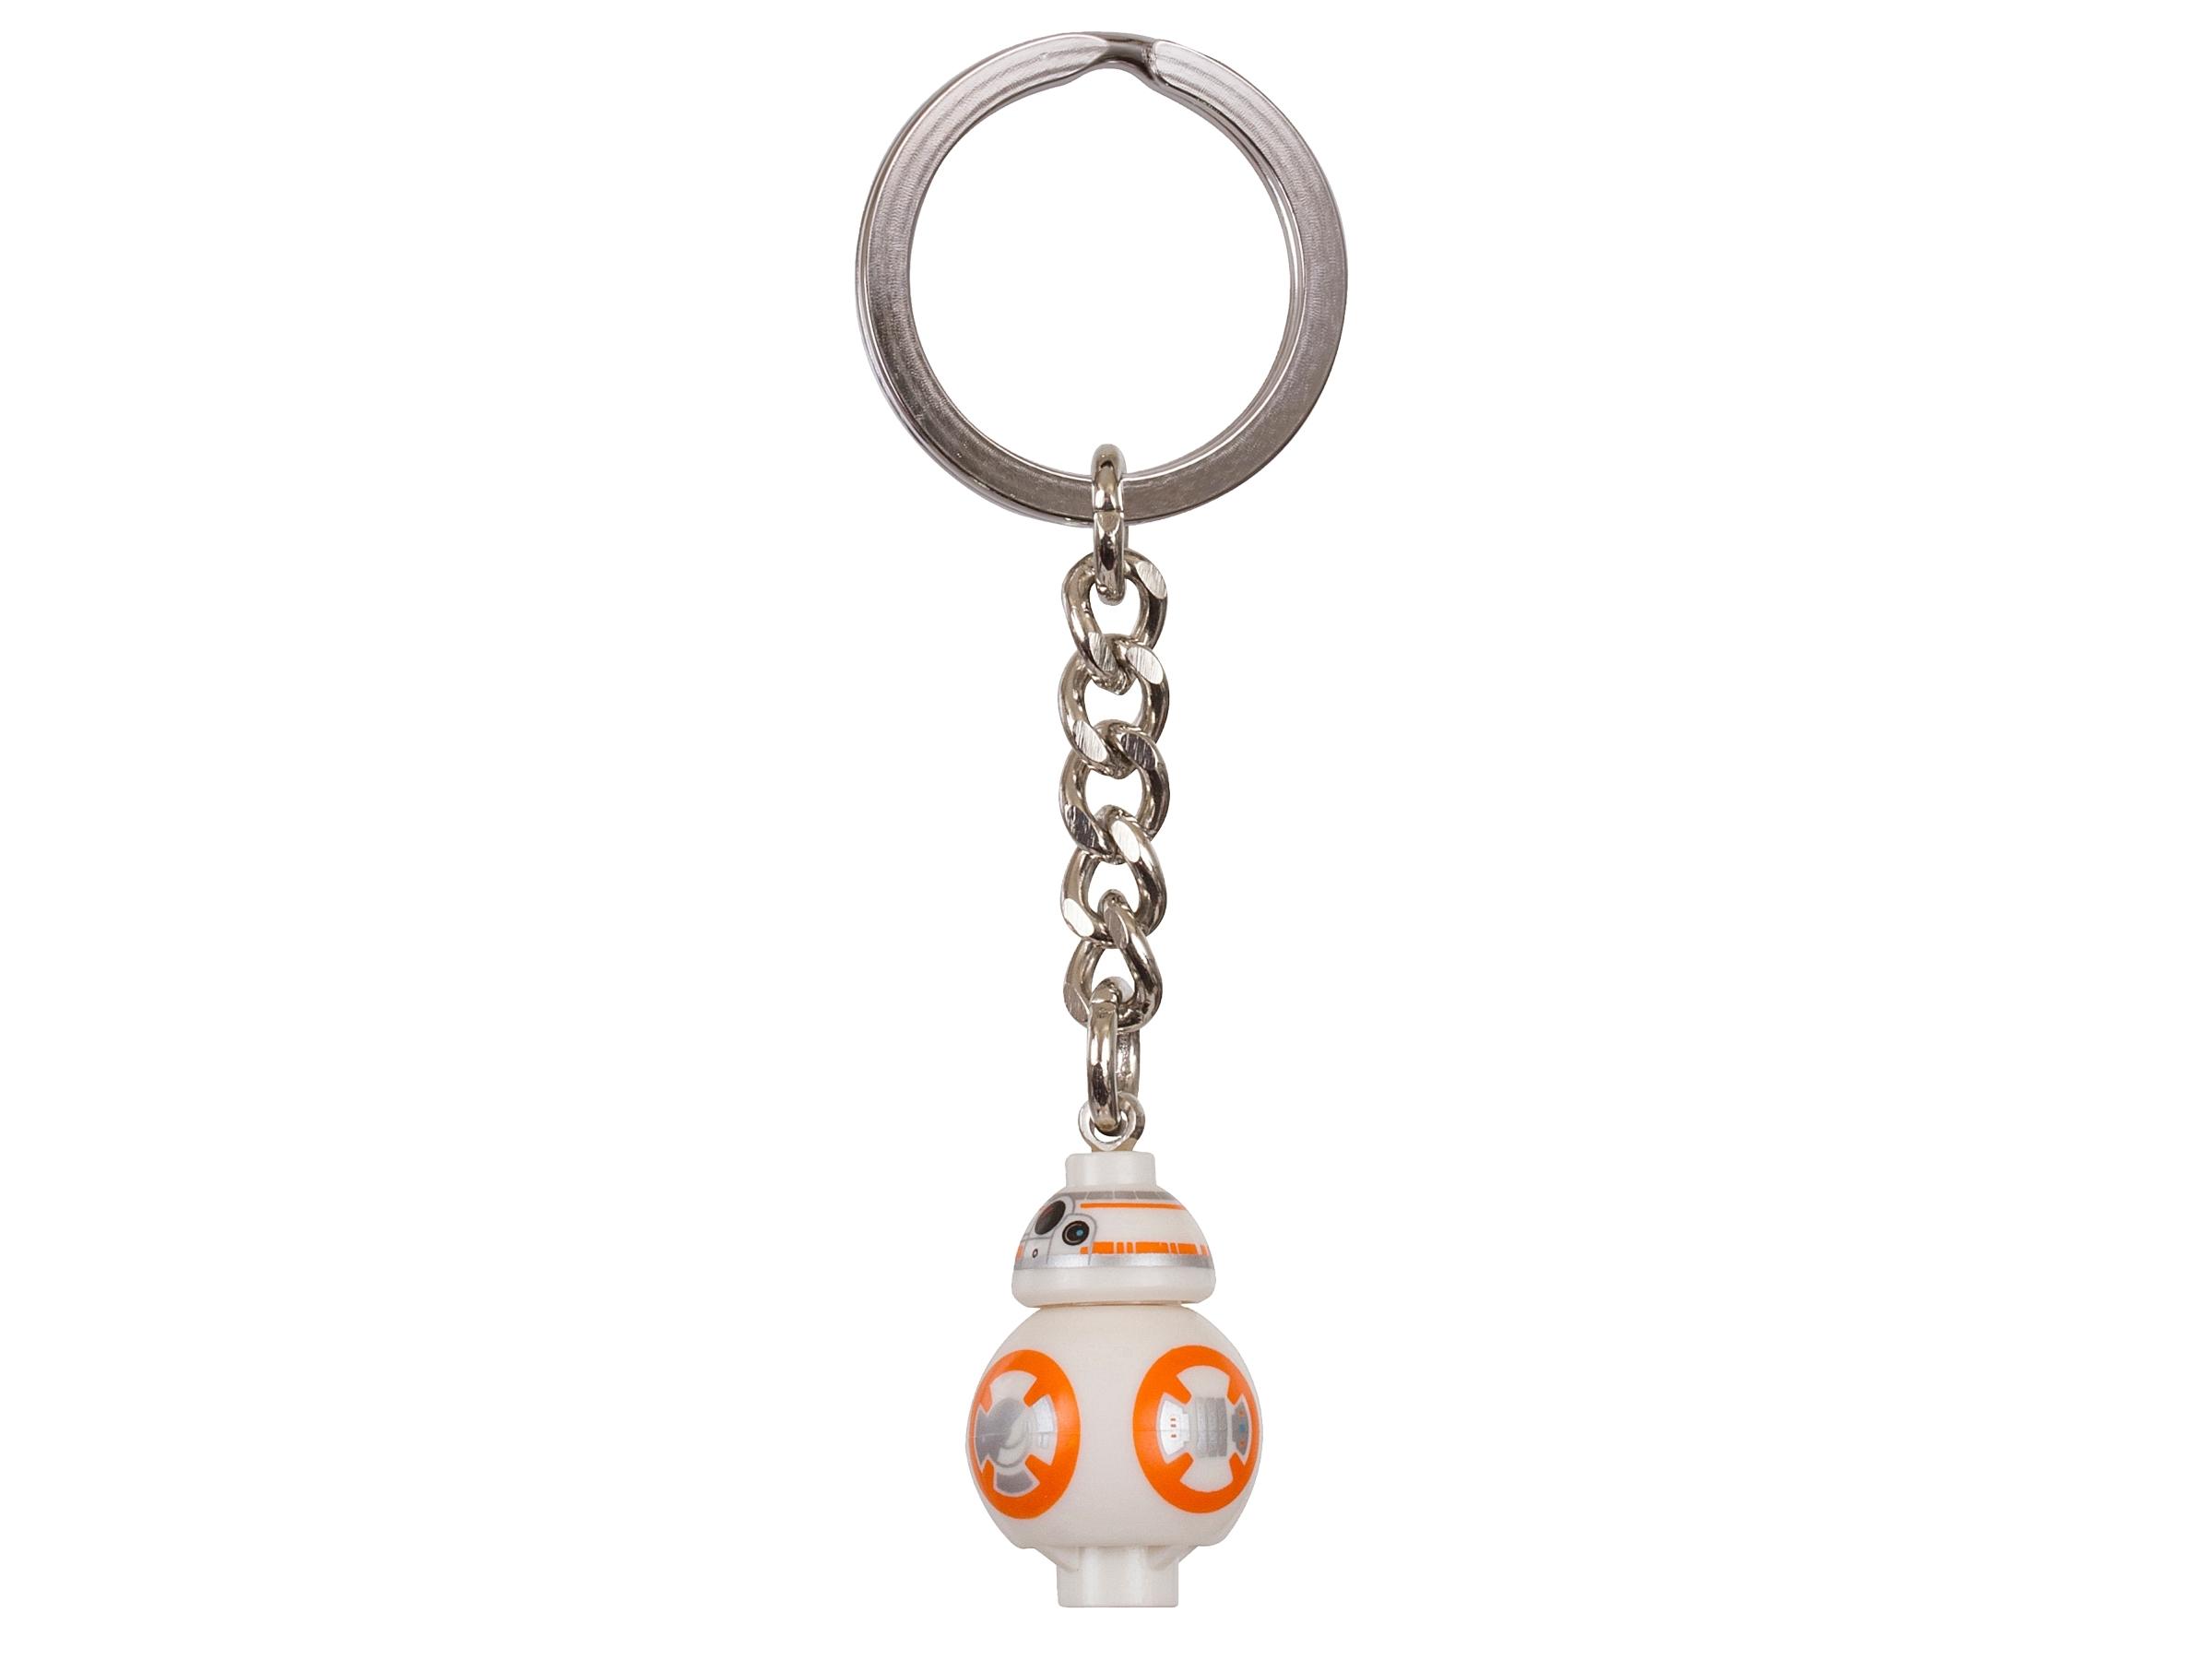 Star Wars 853770 Lego BB-9E Keychain//Keyring